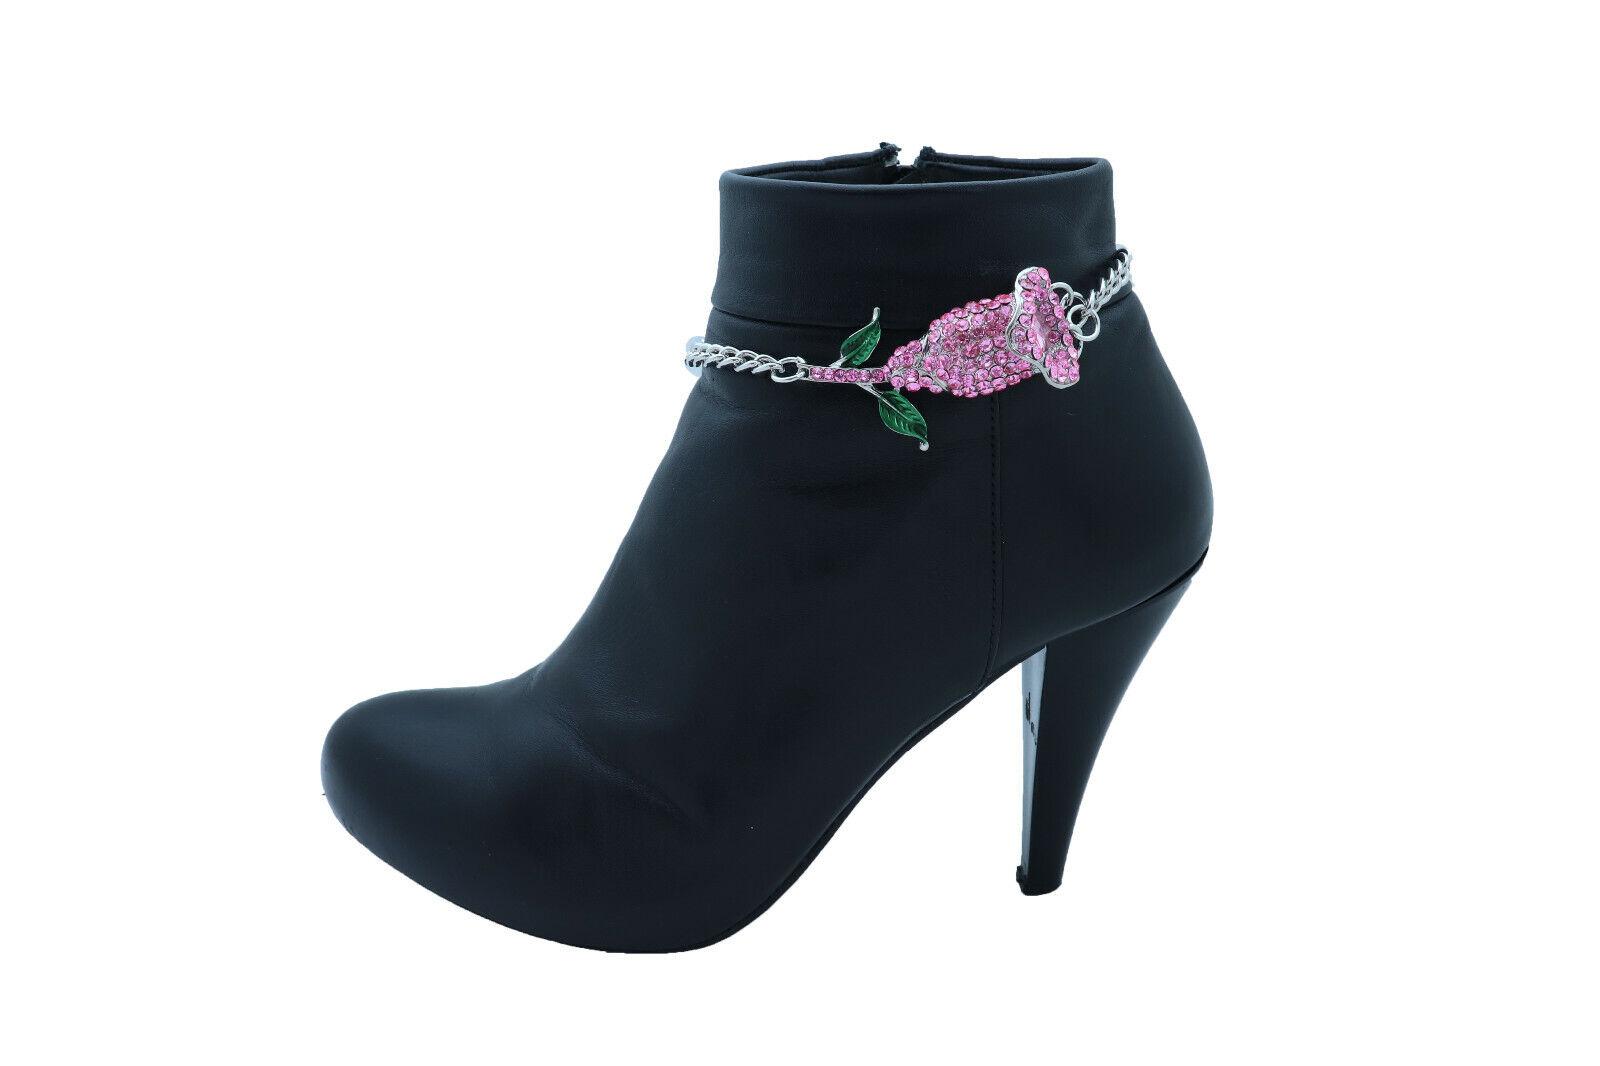 Cute Women Silver Metal Chain Boot Bracelet Shoe Pink Flower Charm Dressy Anklet